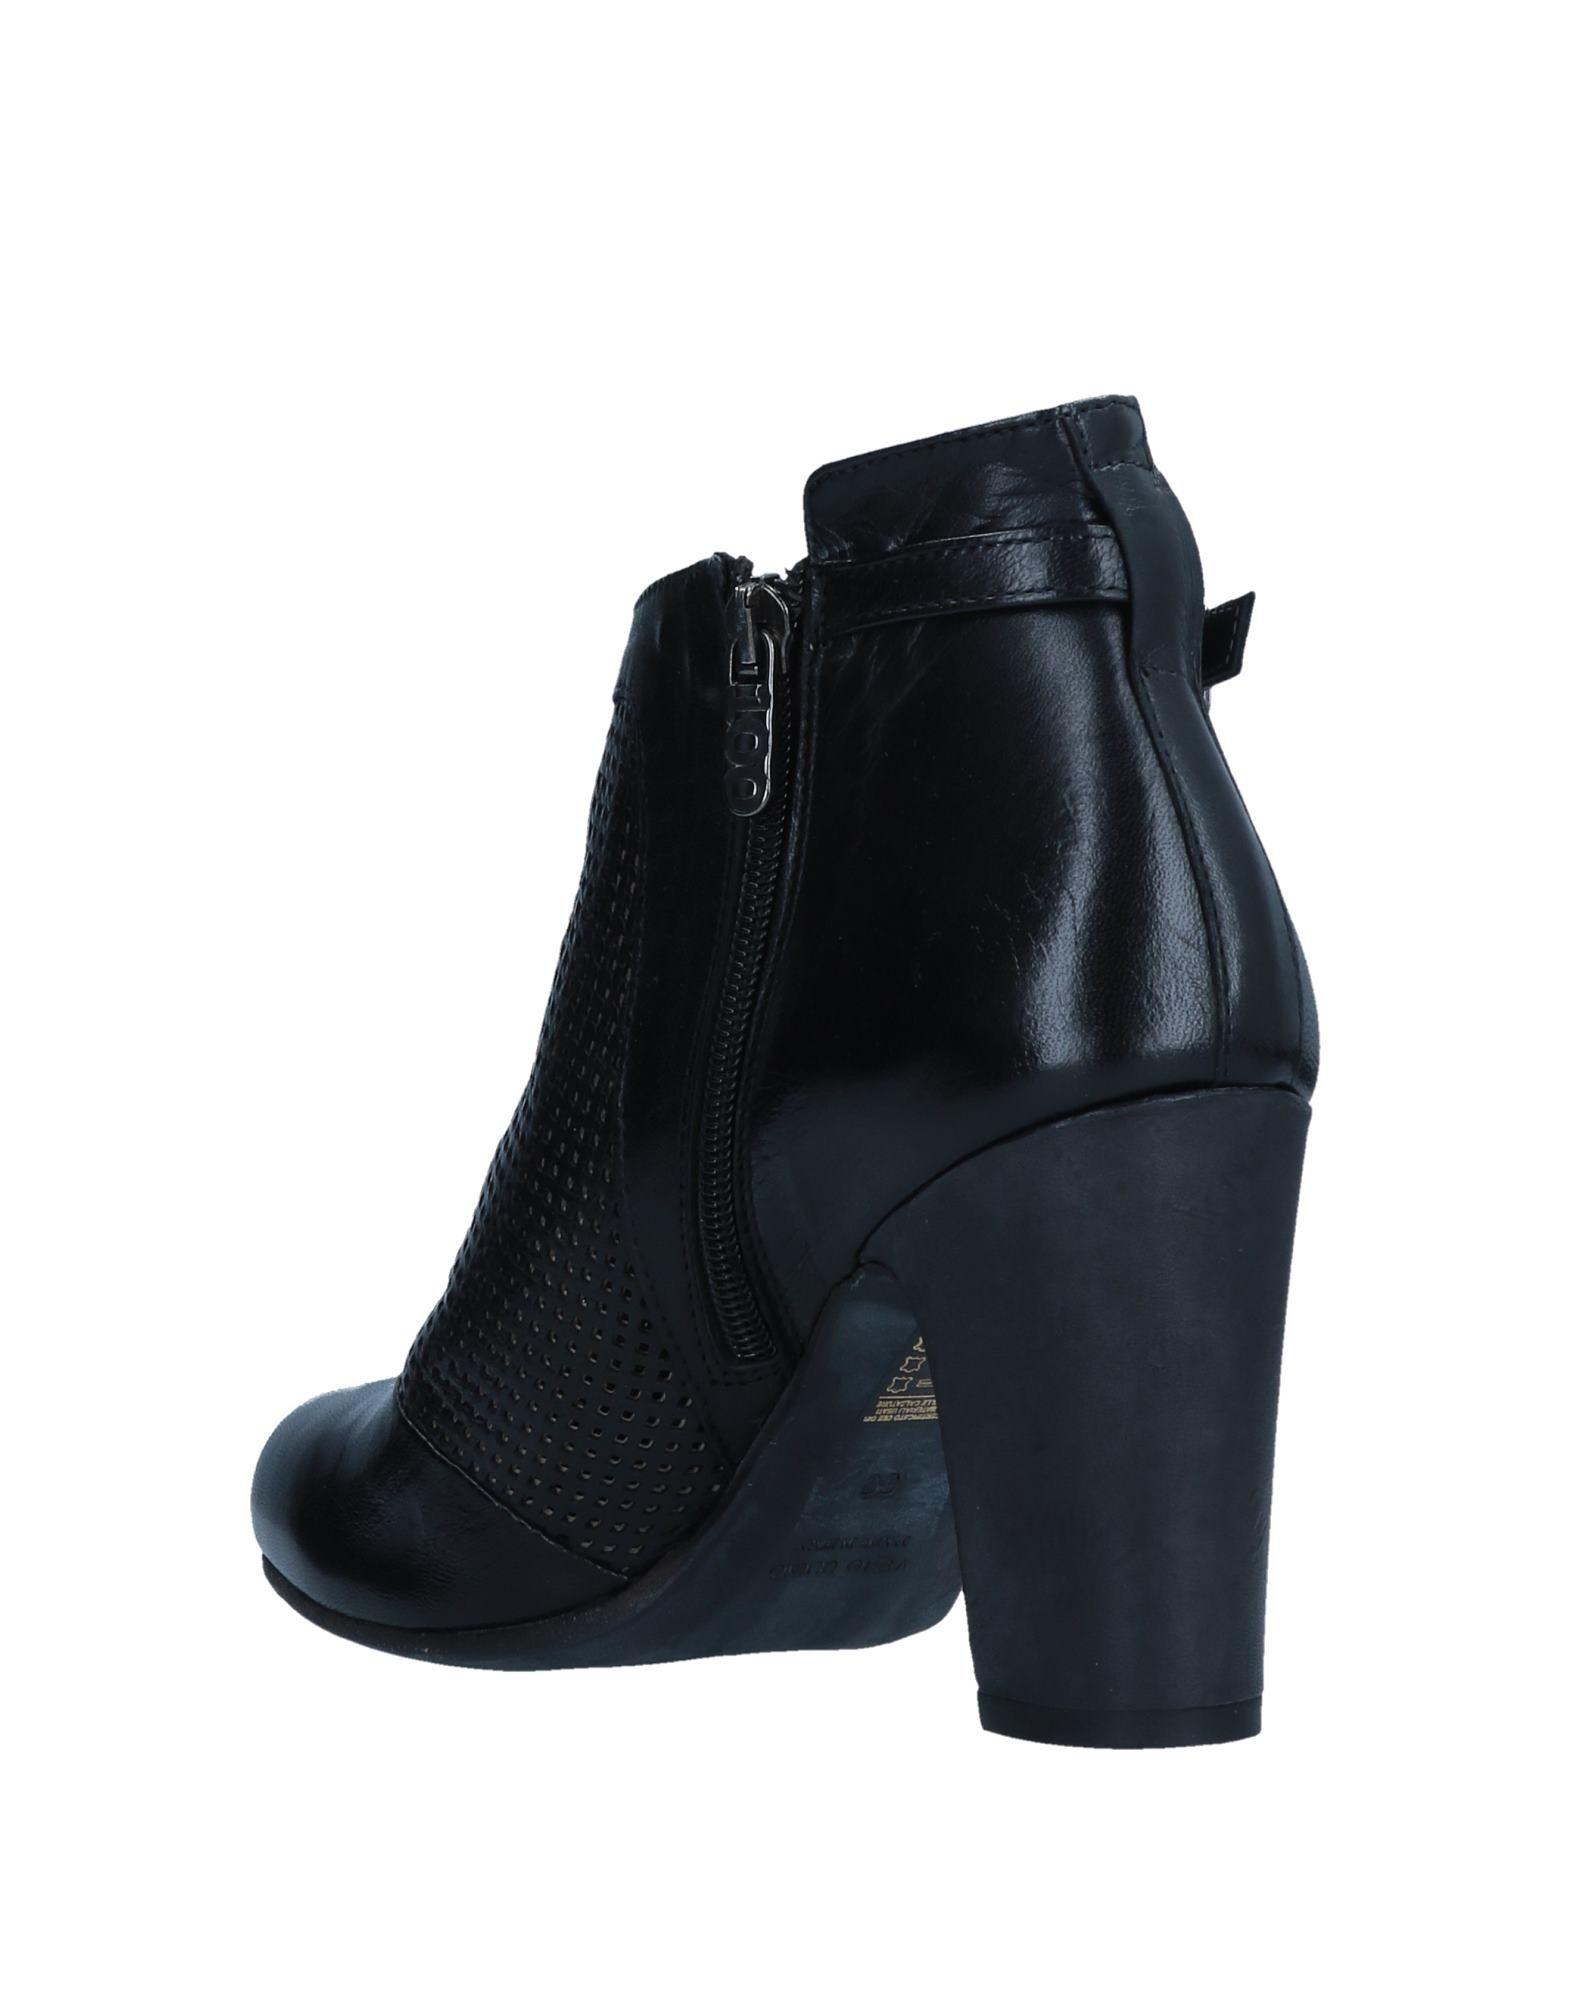 Gut um 100 billige Schuhe zu tragenHundROT 100 um Stiefelette Damen  11546204GA 7ed8f5